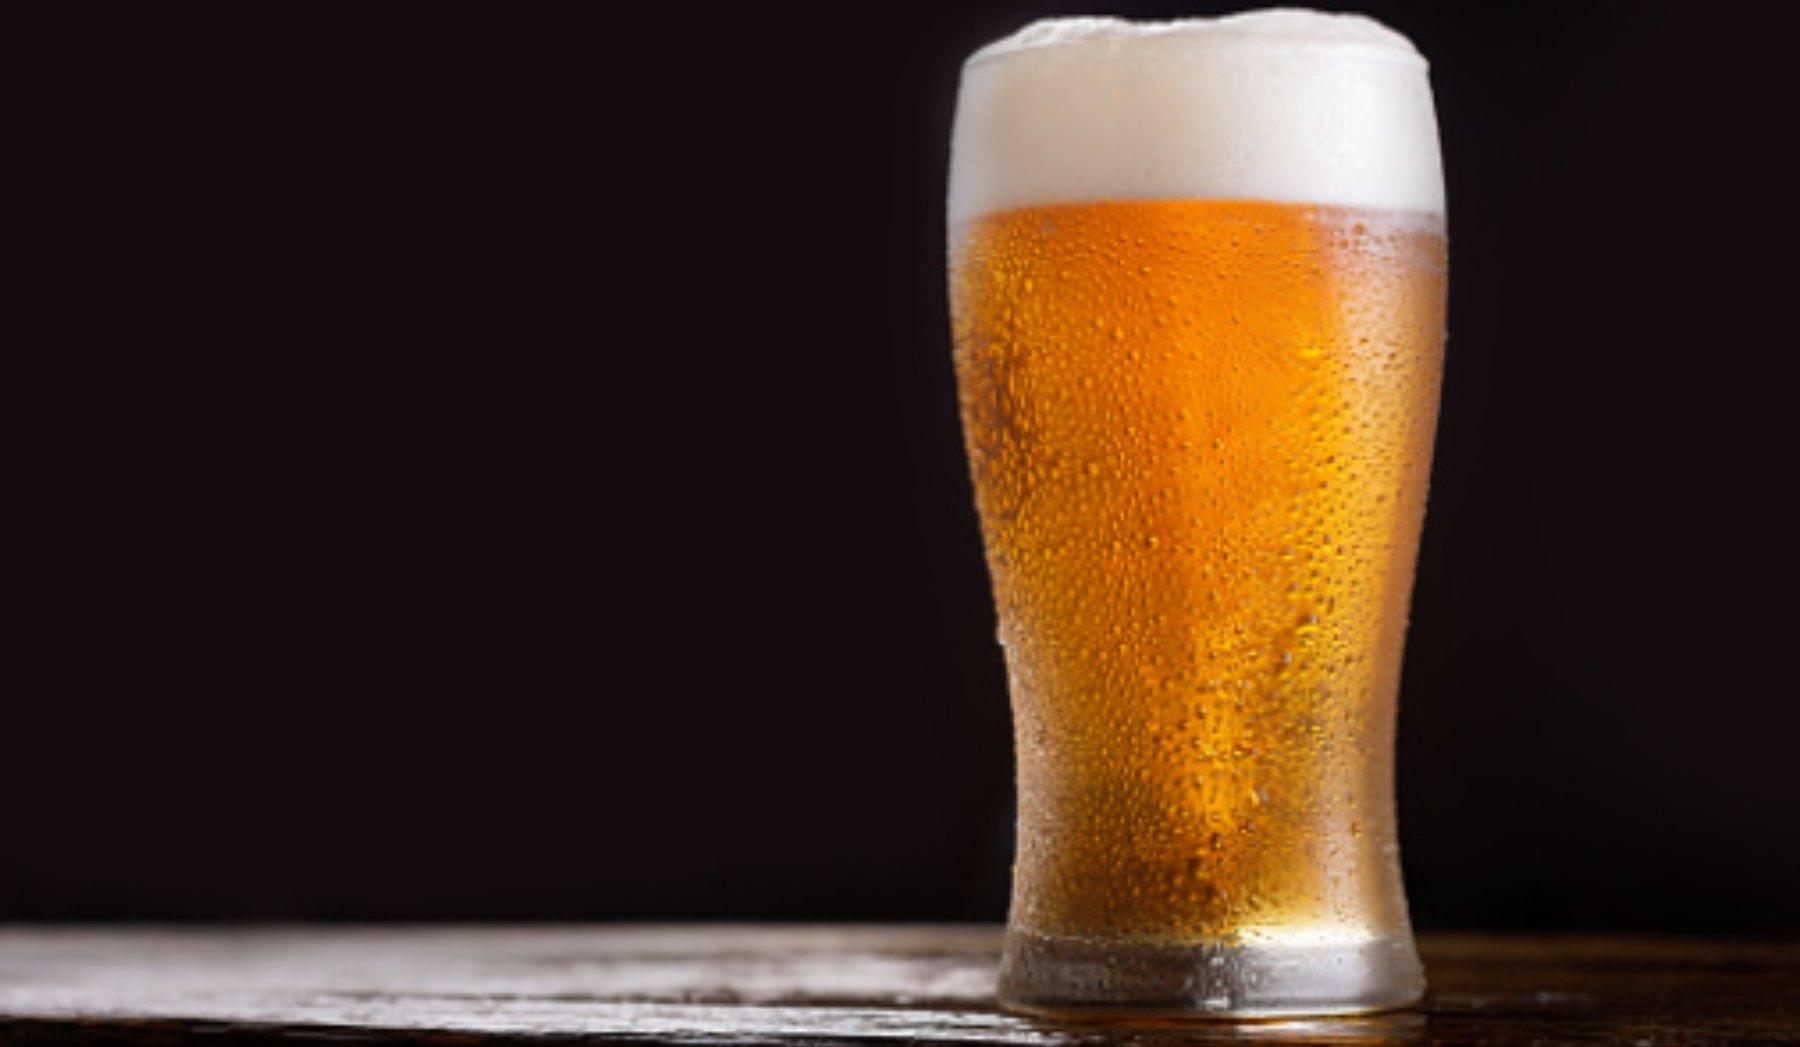 El truco más rápido para enfriar la cerveza en solo un minuto